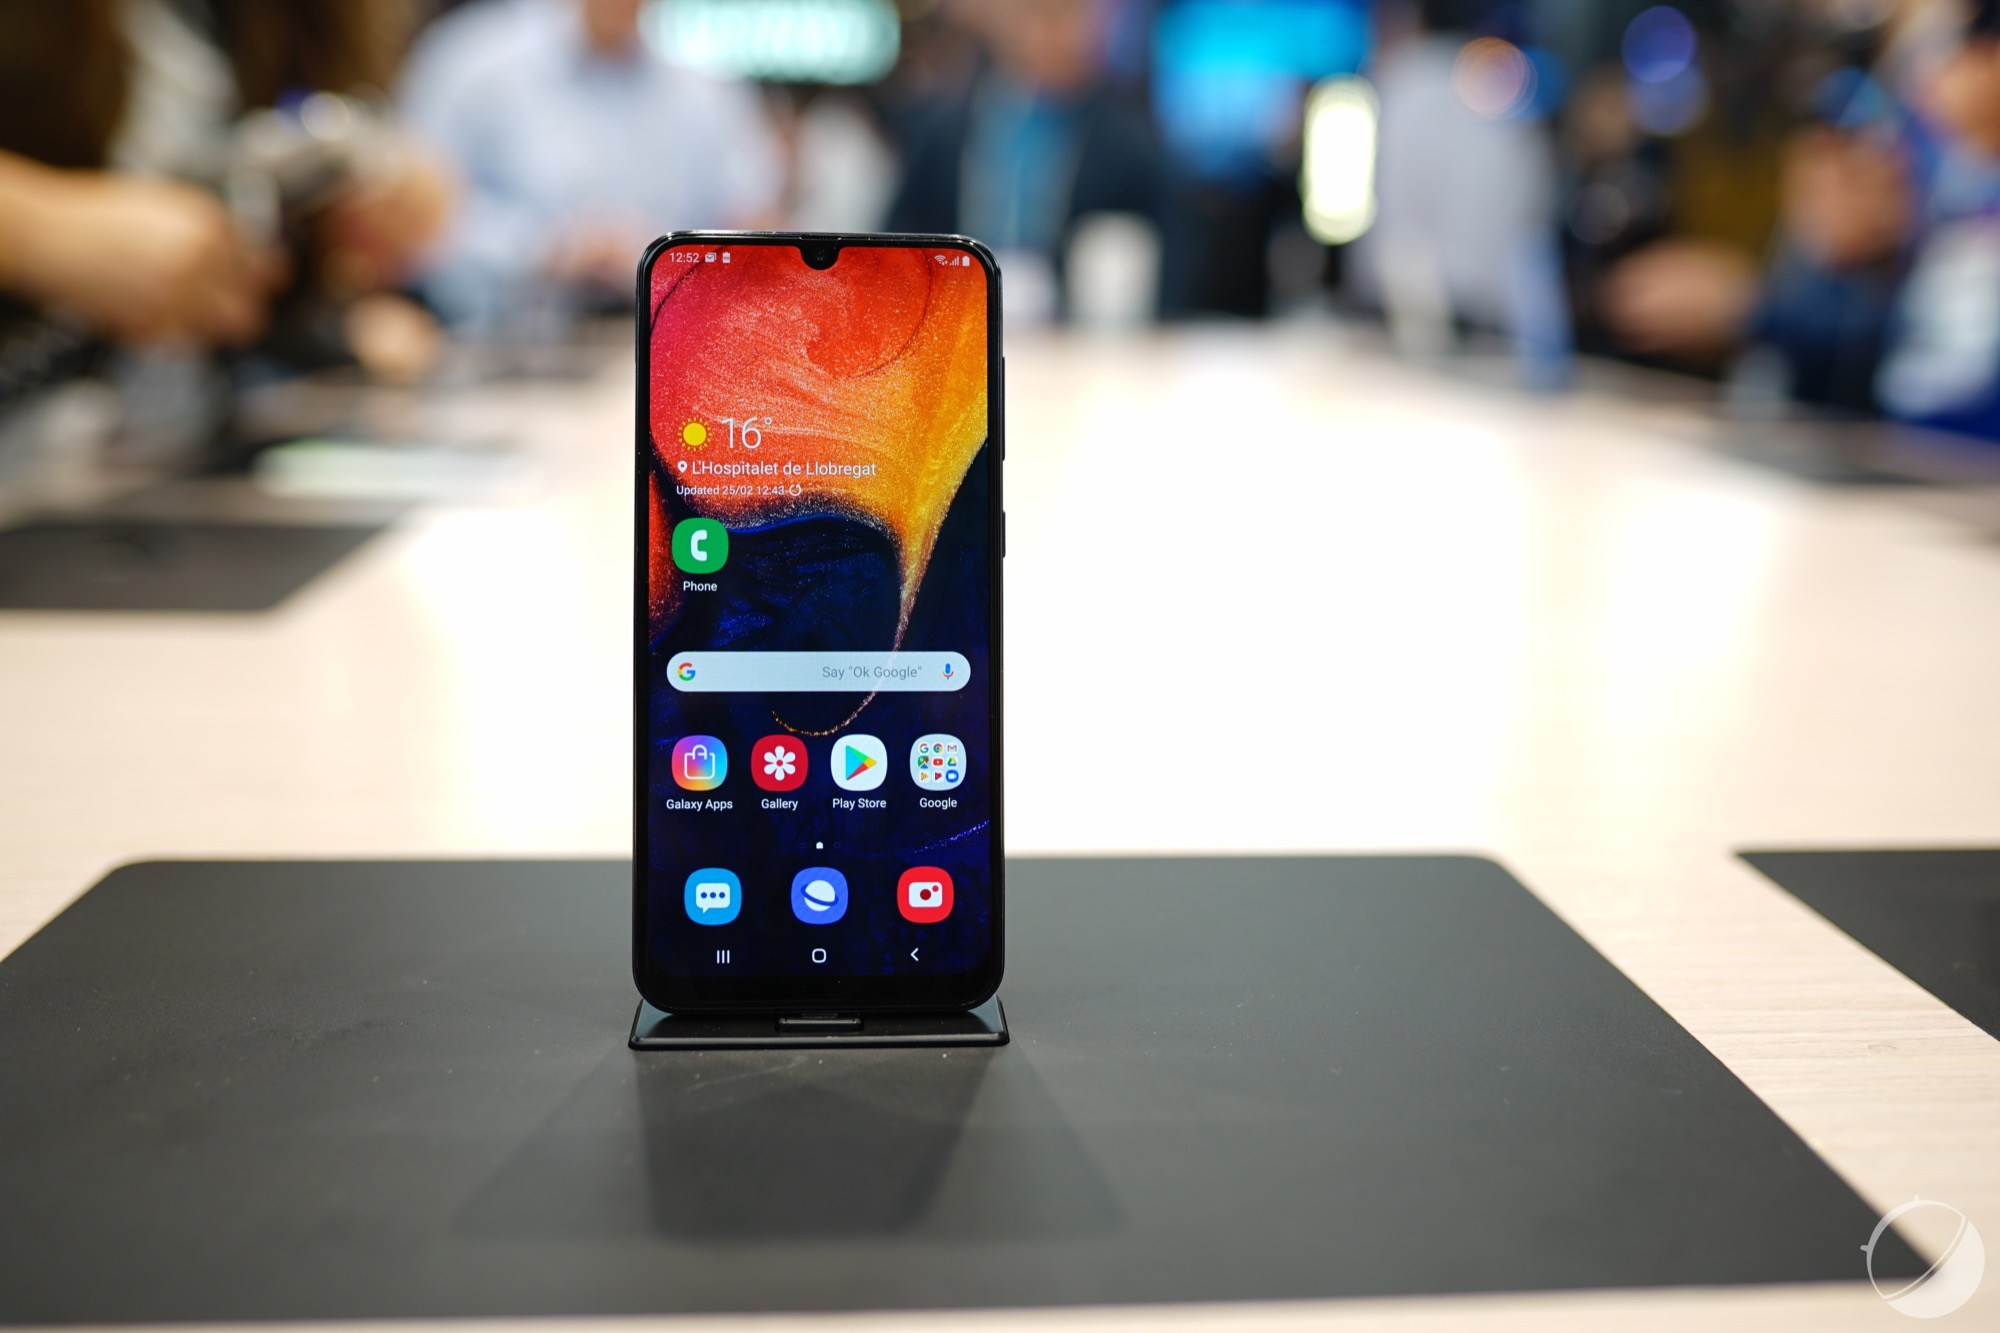 Le Samsung Galaxy A40 apparaît chez un revendeur, dévoilant son design, sa fiche technique et son prix